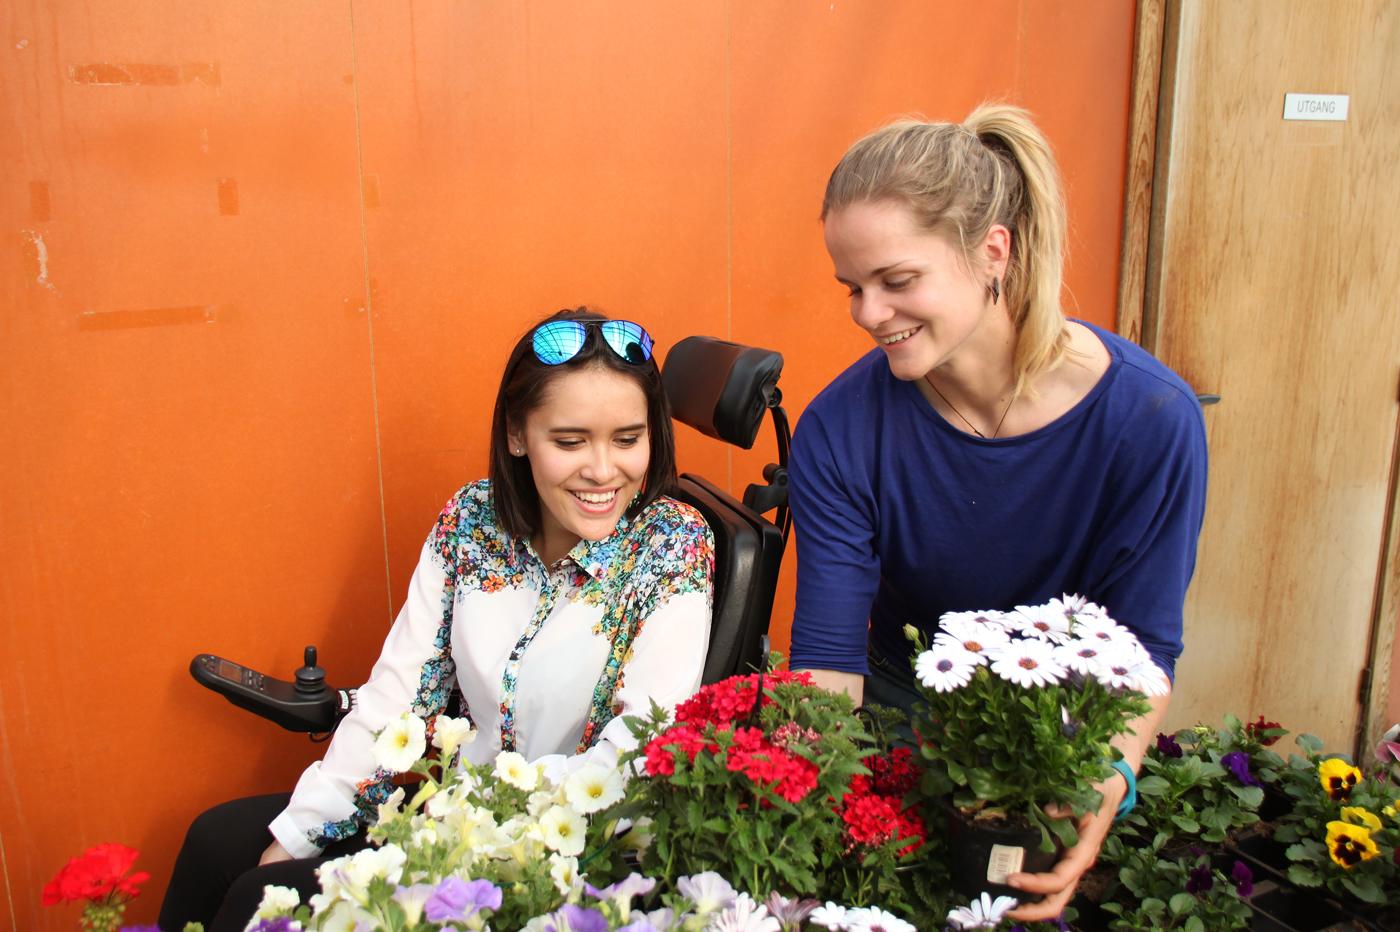 Bilde av en kvinne i rullestol som kikker på blomster. En annen kvinner viser fram ulike blomster i hvitt, rødt, gult og lilla.